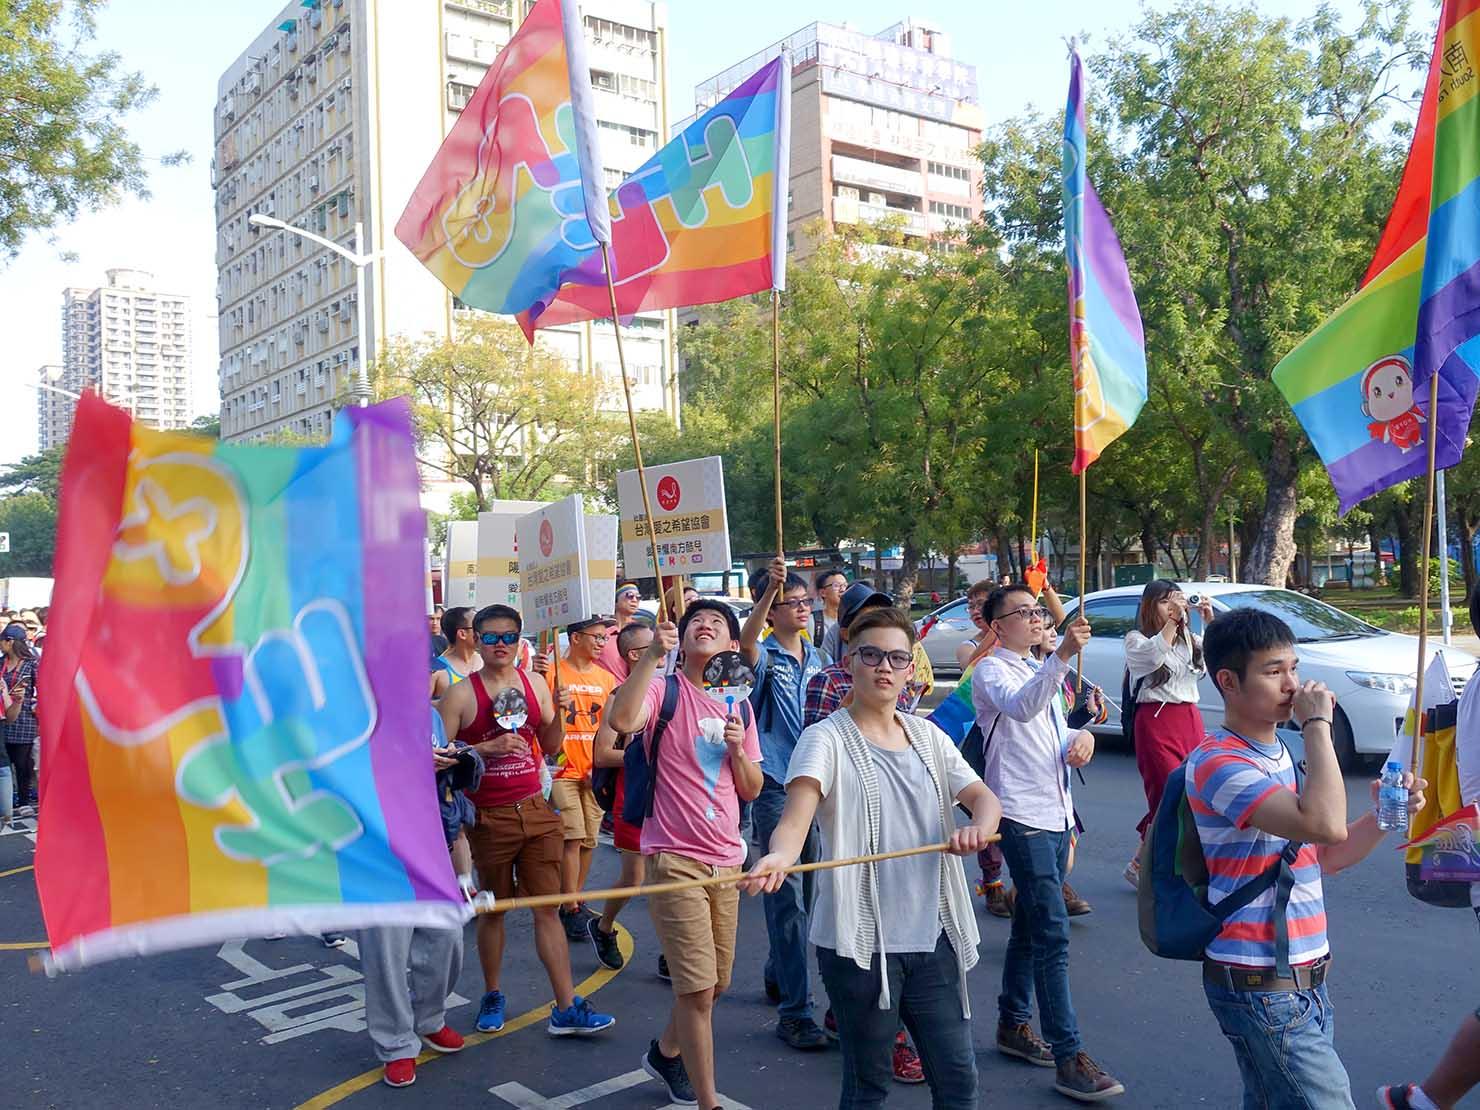 高雄同志大遊行(高雄レインボーパレード)2017でレインボーフラッグを振る一団